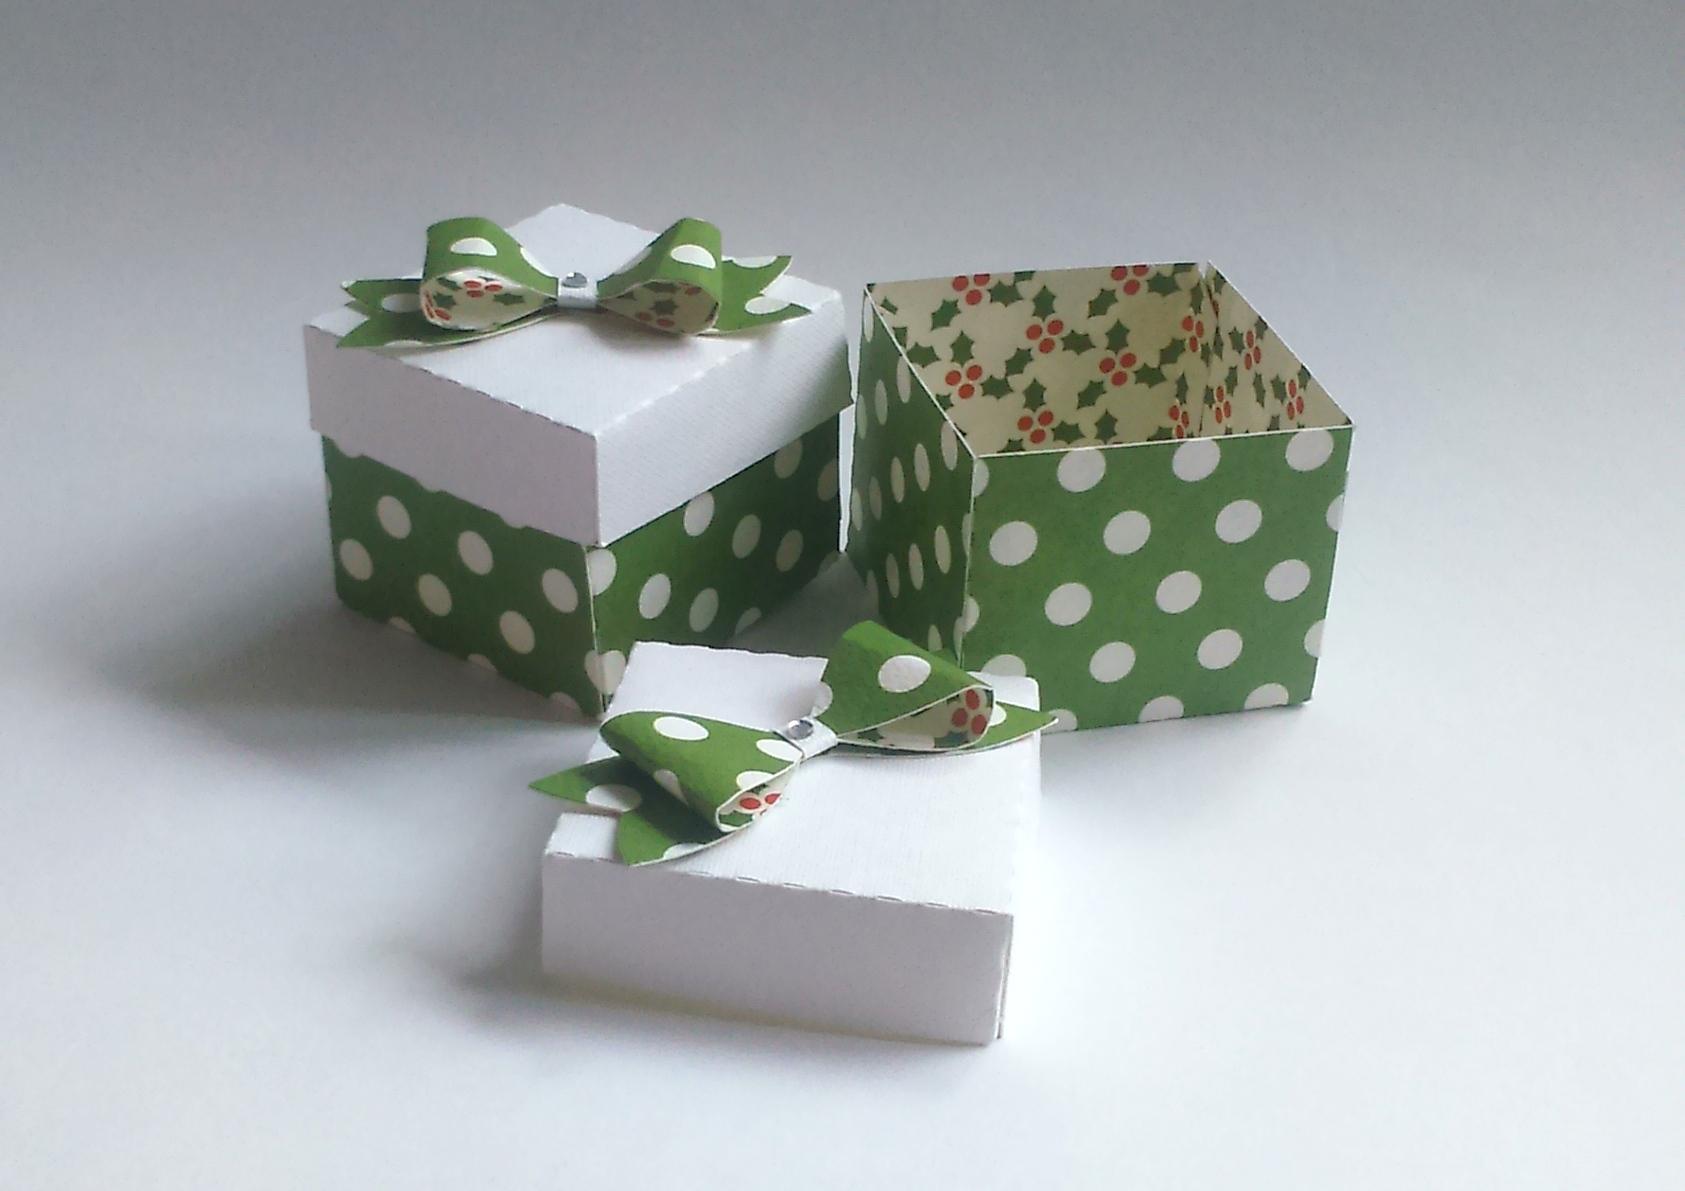 Jak zrobić pudełko na prezent w groszki?